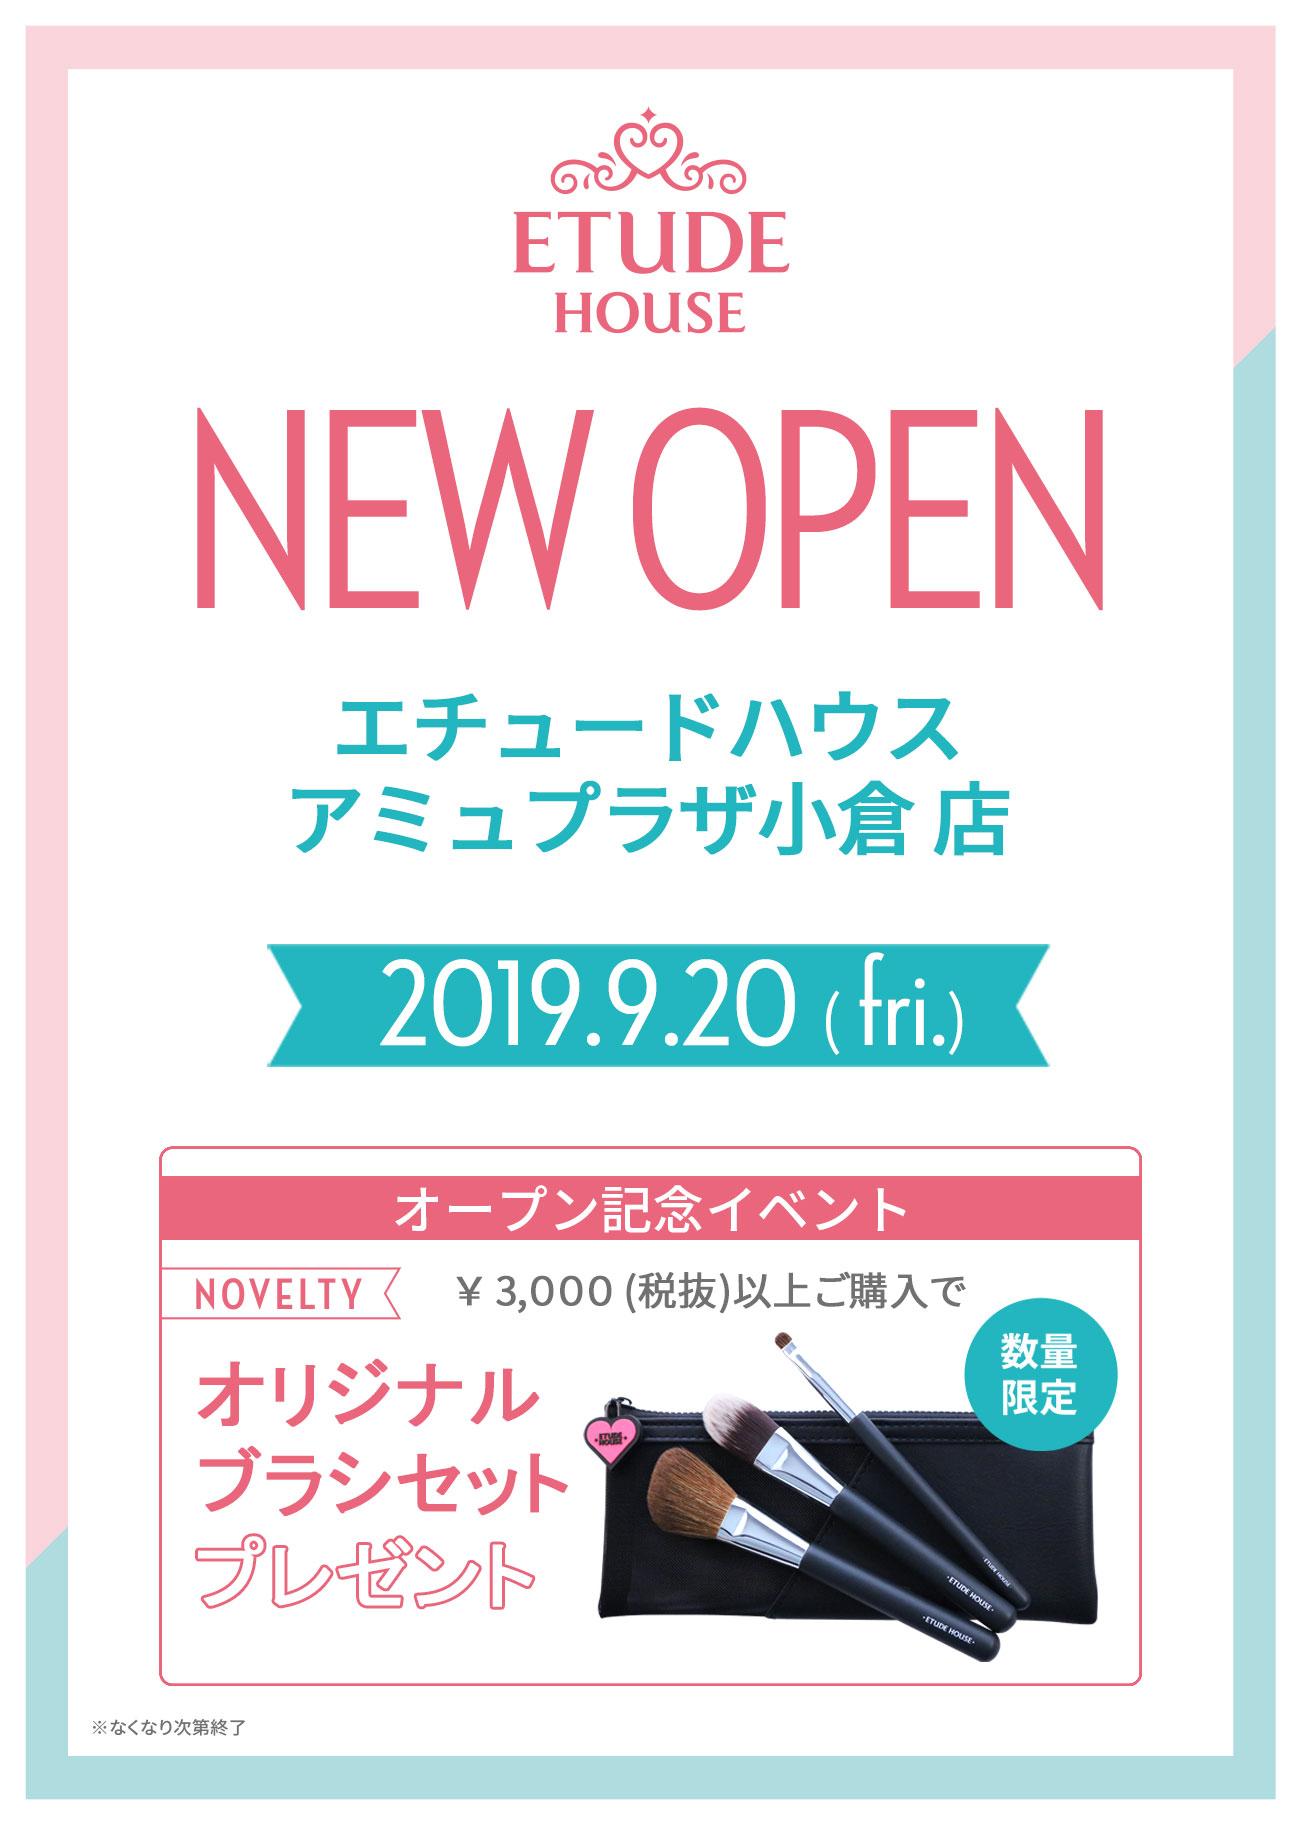 『エチュードハウス アミュプラザ小倉店 』オープン! イベント詳細ご案内♪